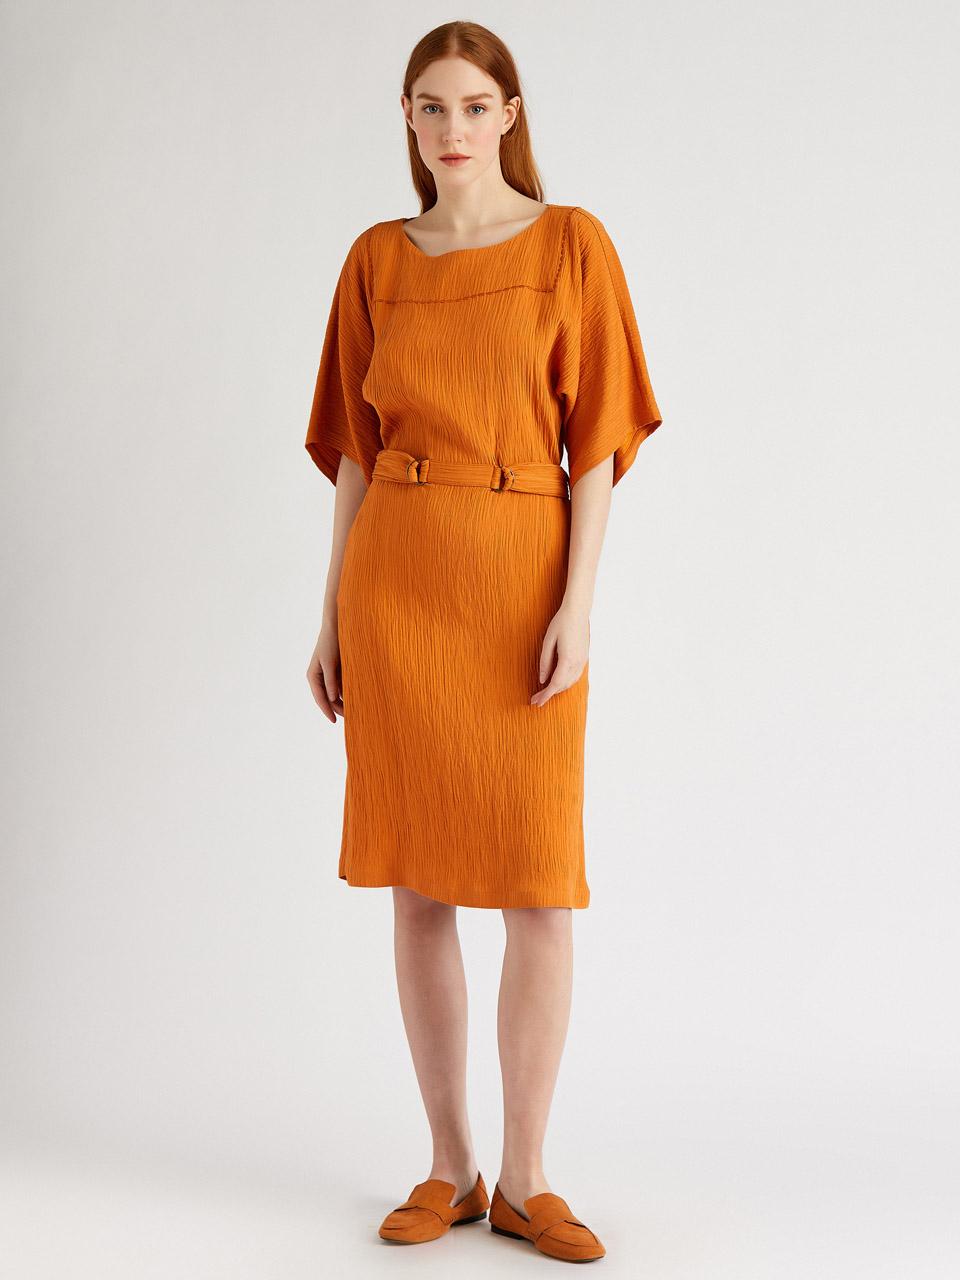 Belt Detail Textured Casual Dress